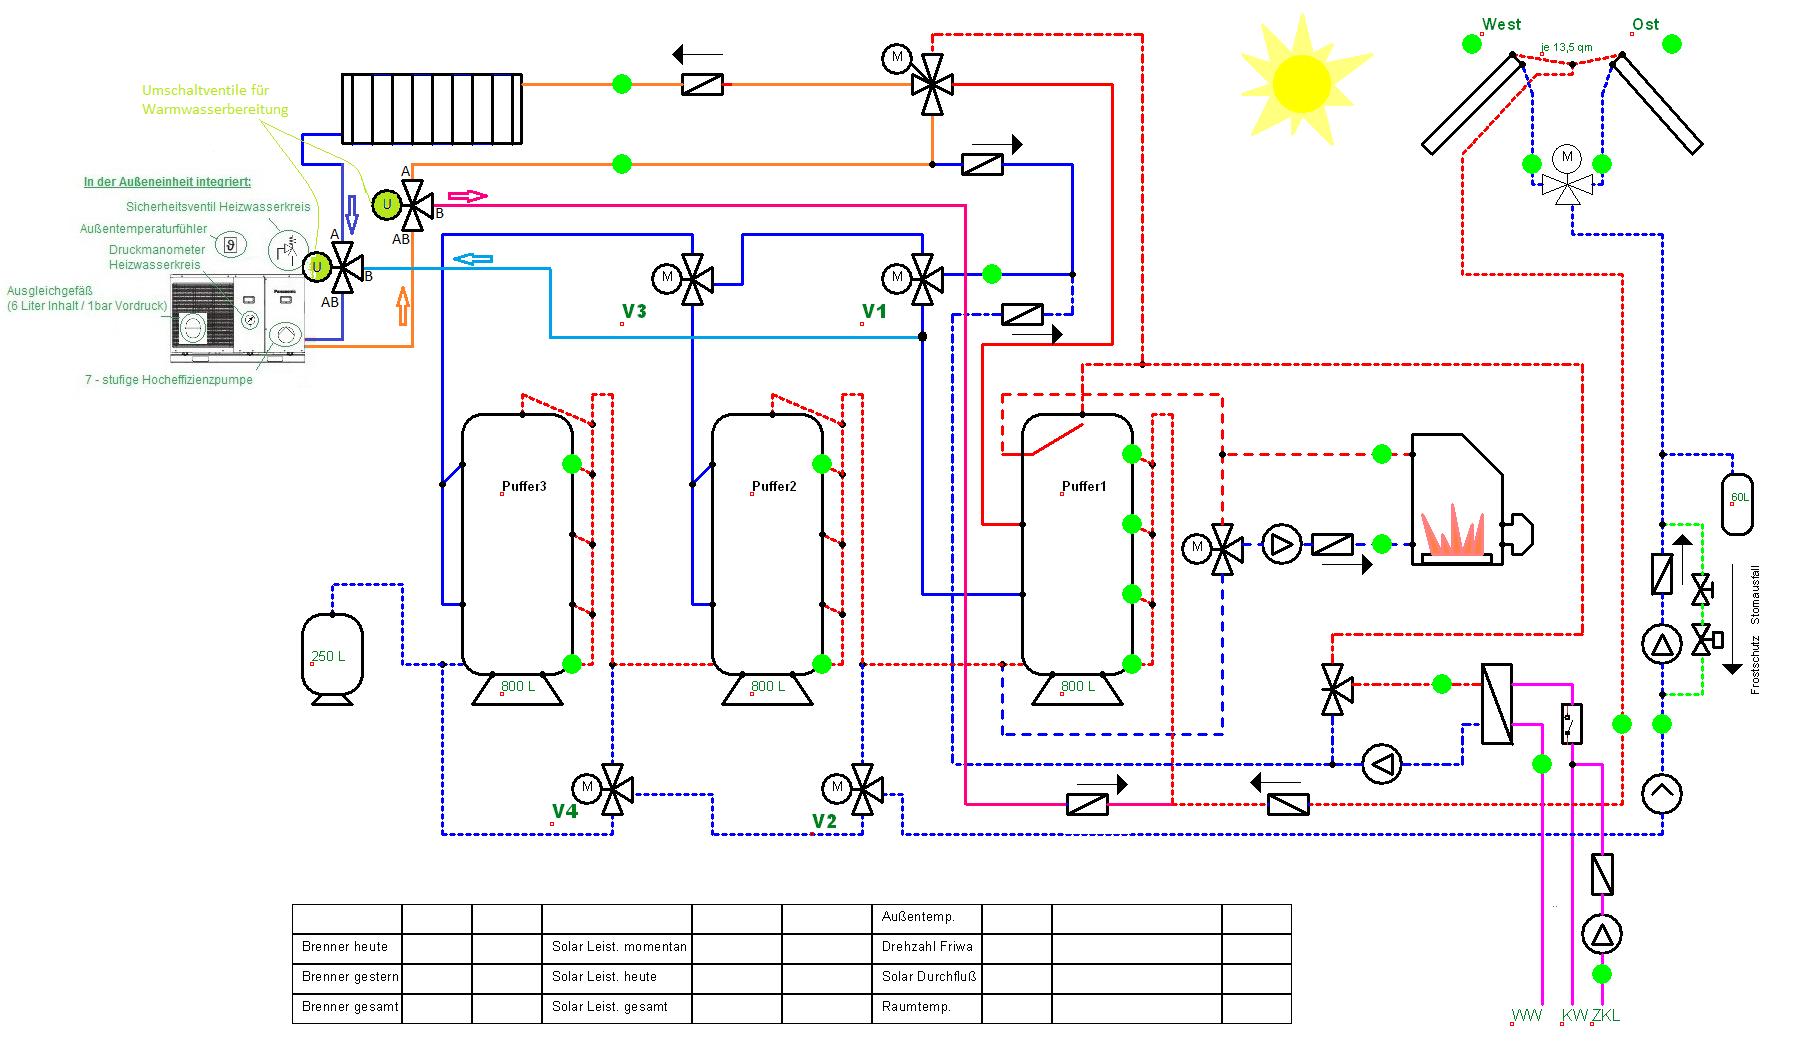 WP Berechnung, nutzen einer Umrüstung bei altem Haus - HaustechnikDialog